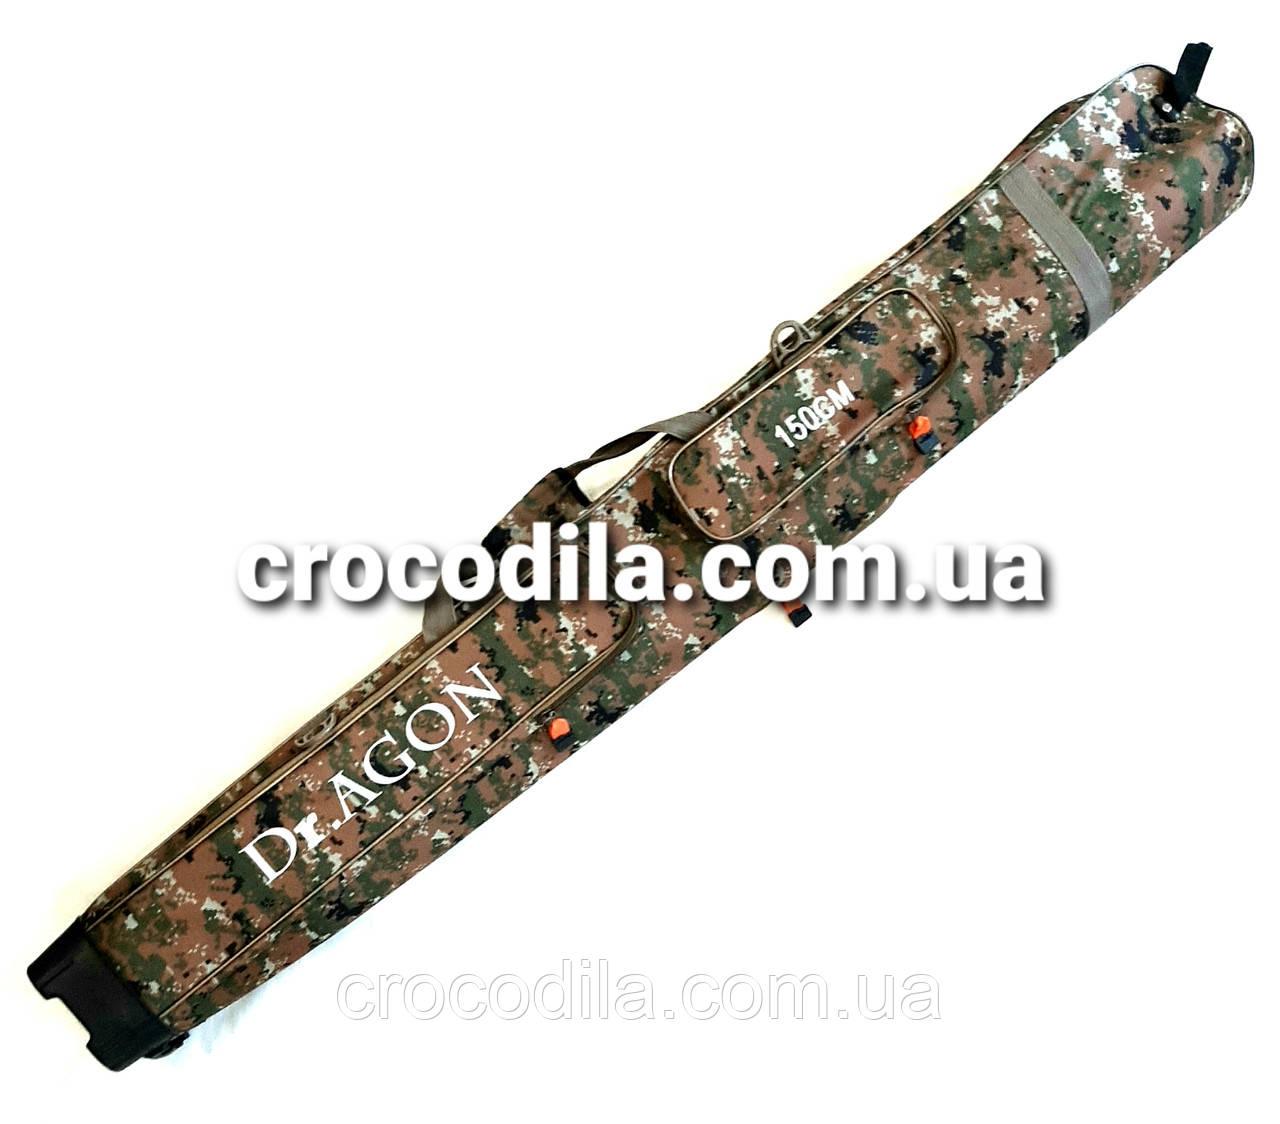 Чехол для удилищ Dr.Agon 2 секции 150 см с жестким каркасом